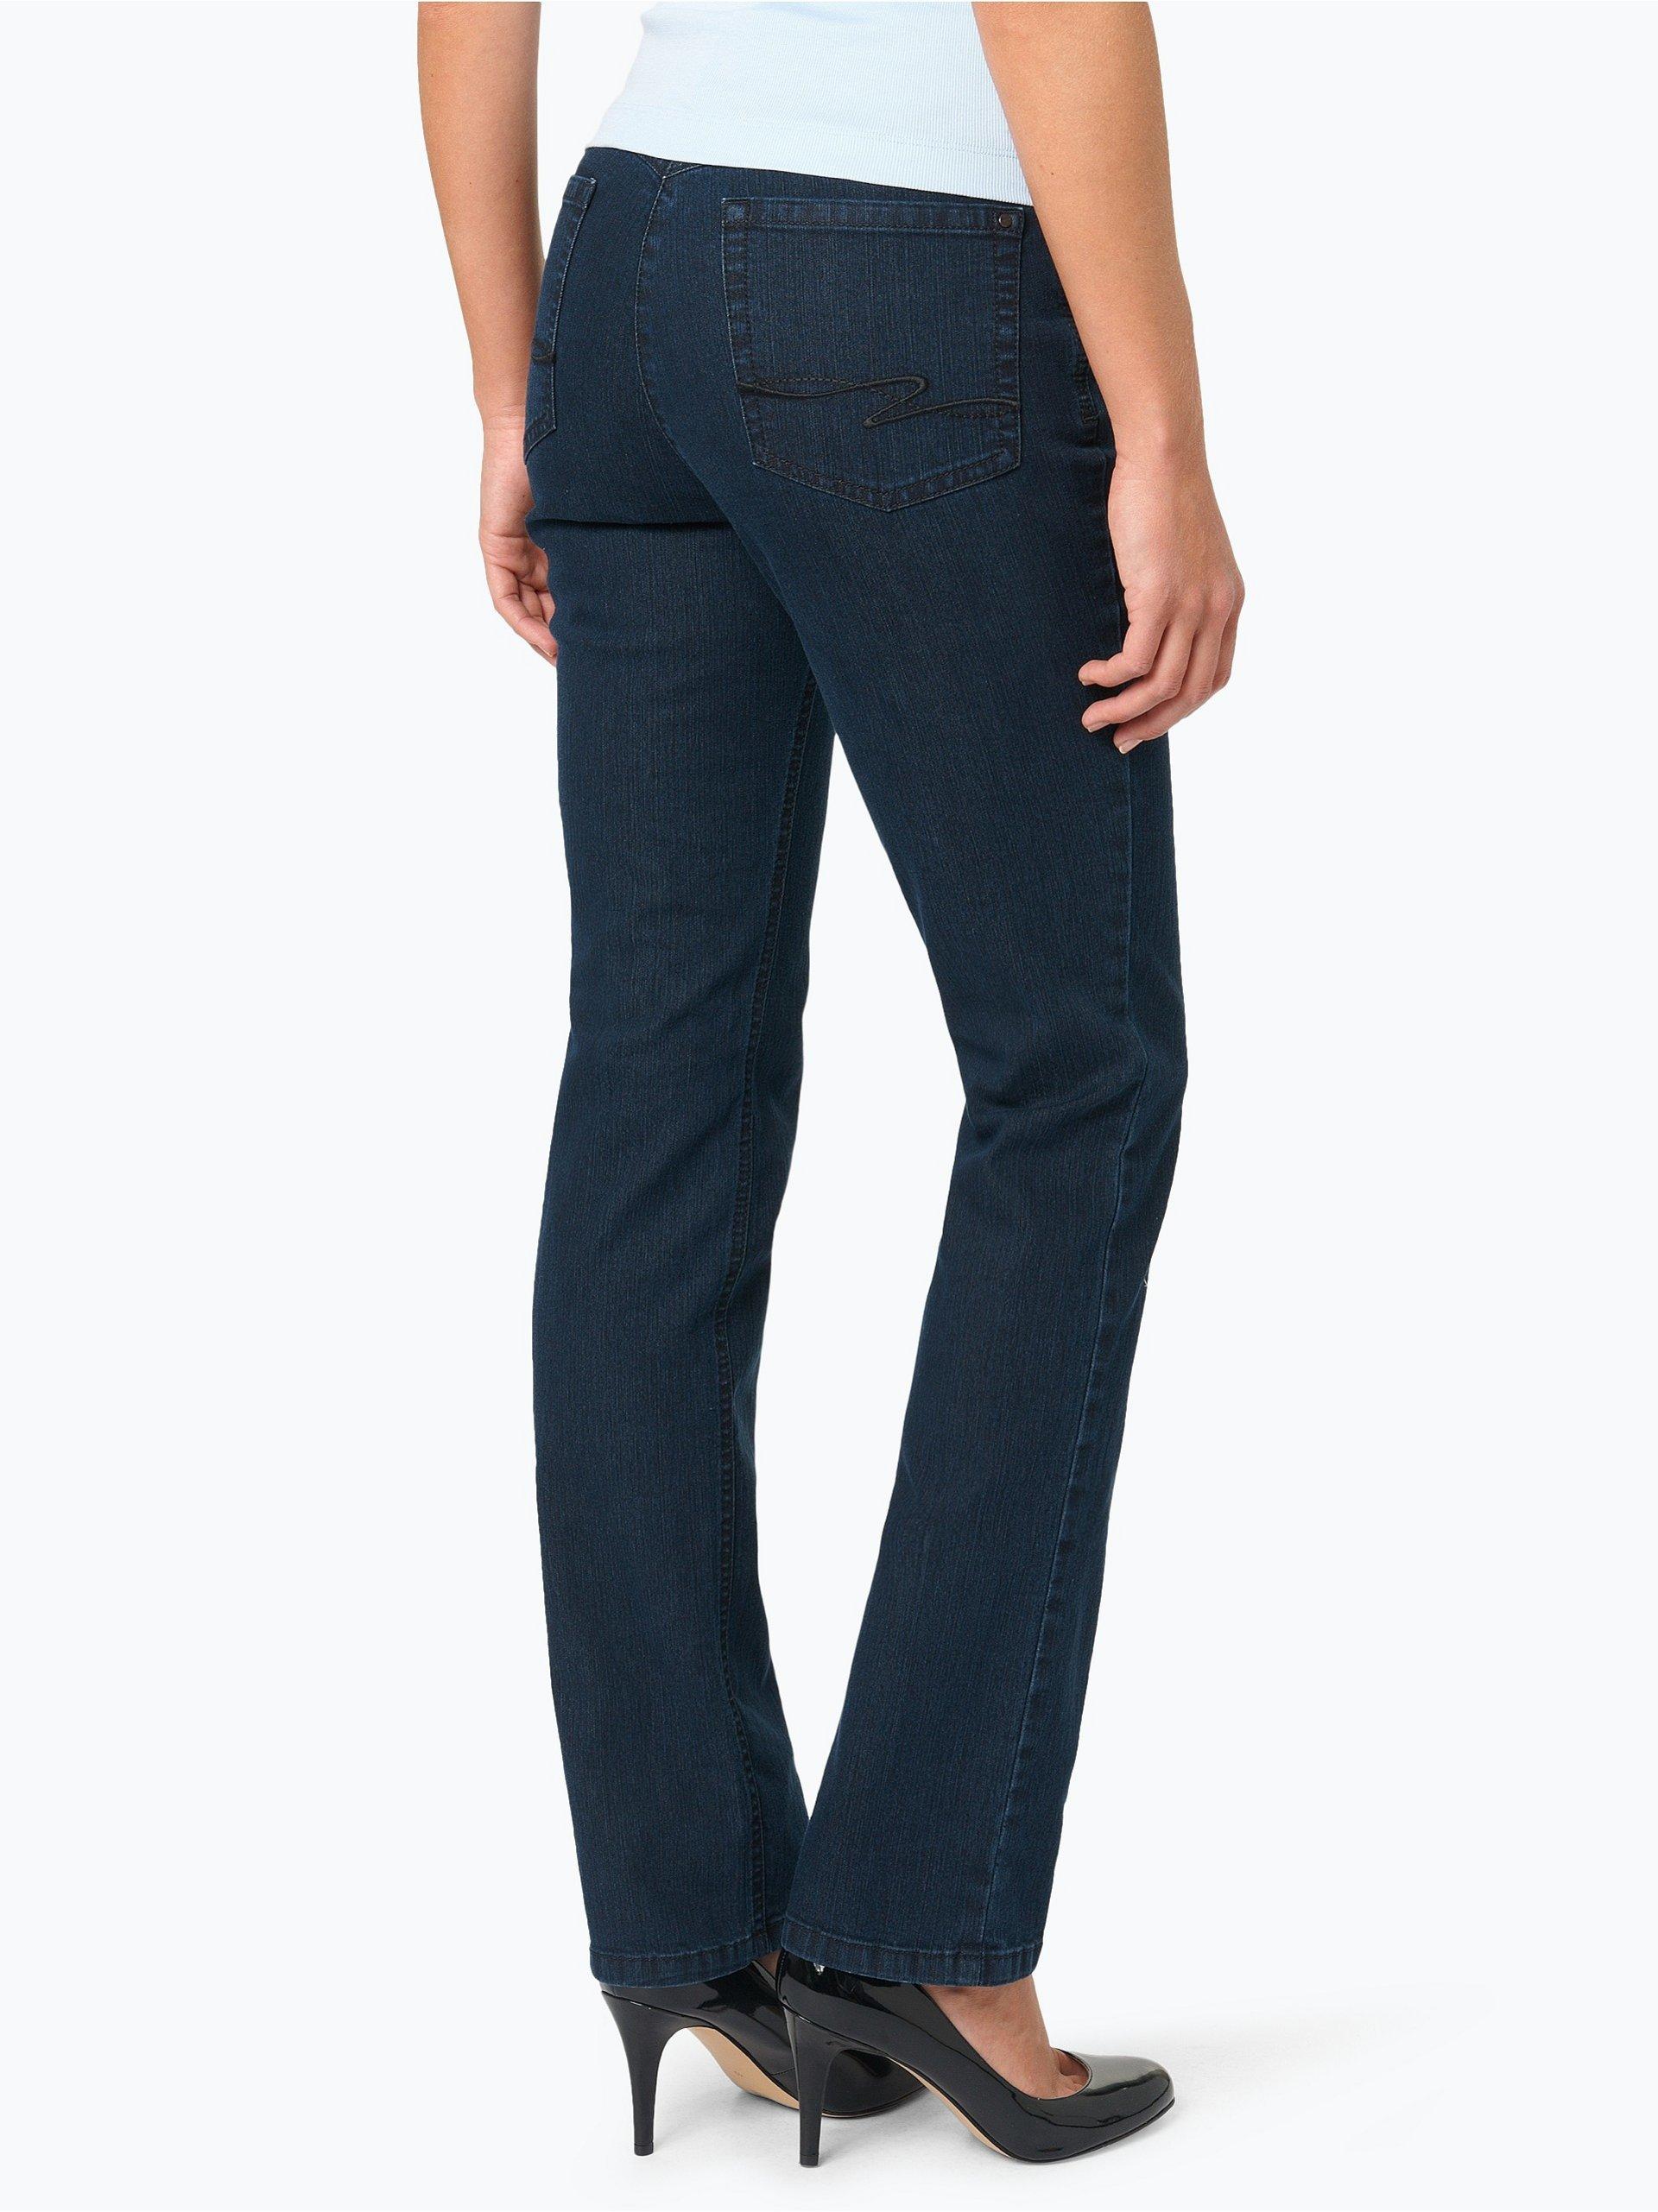 Zerres Damen Jeans - Cora